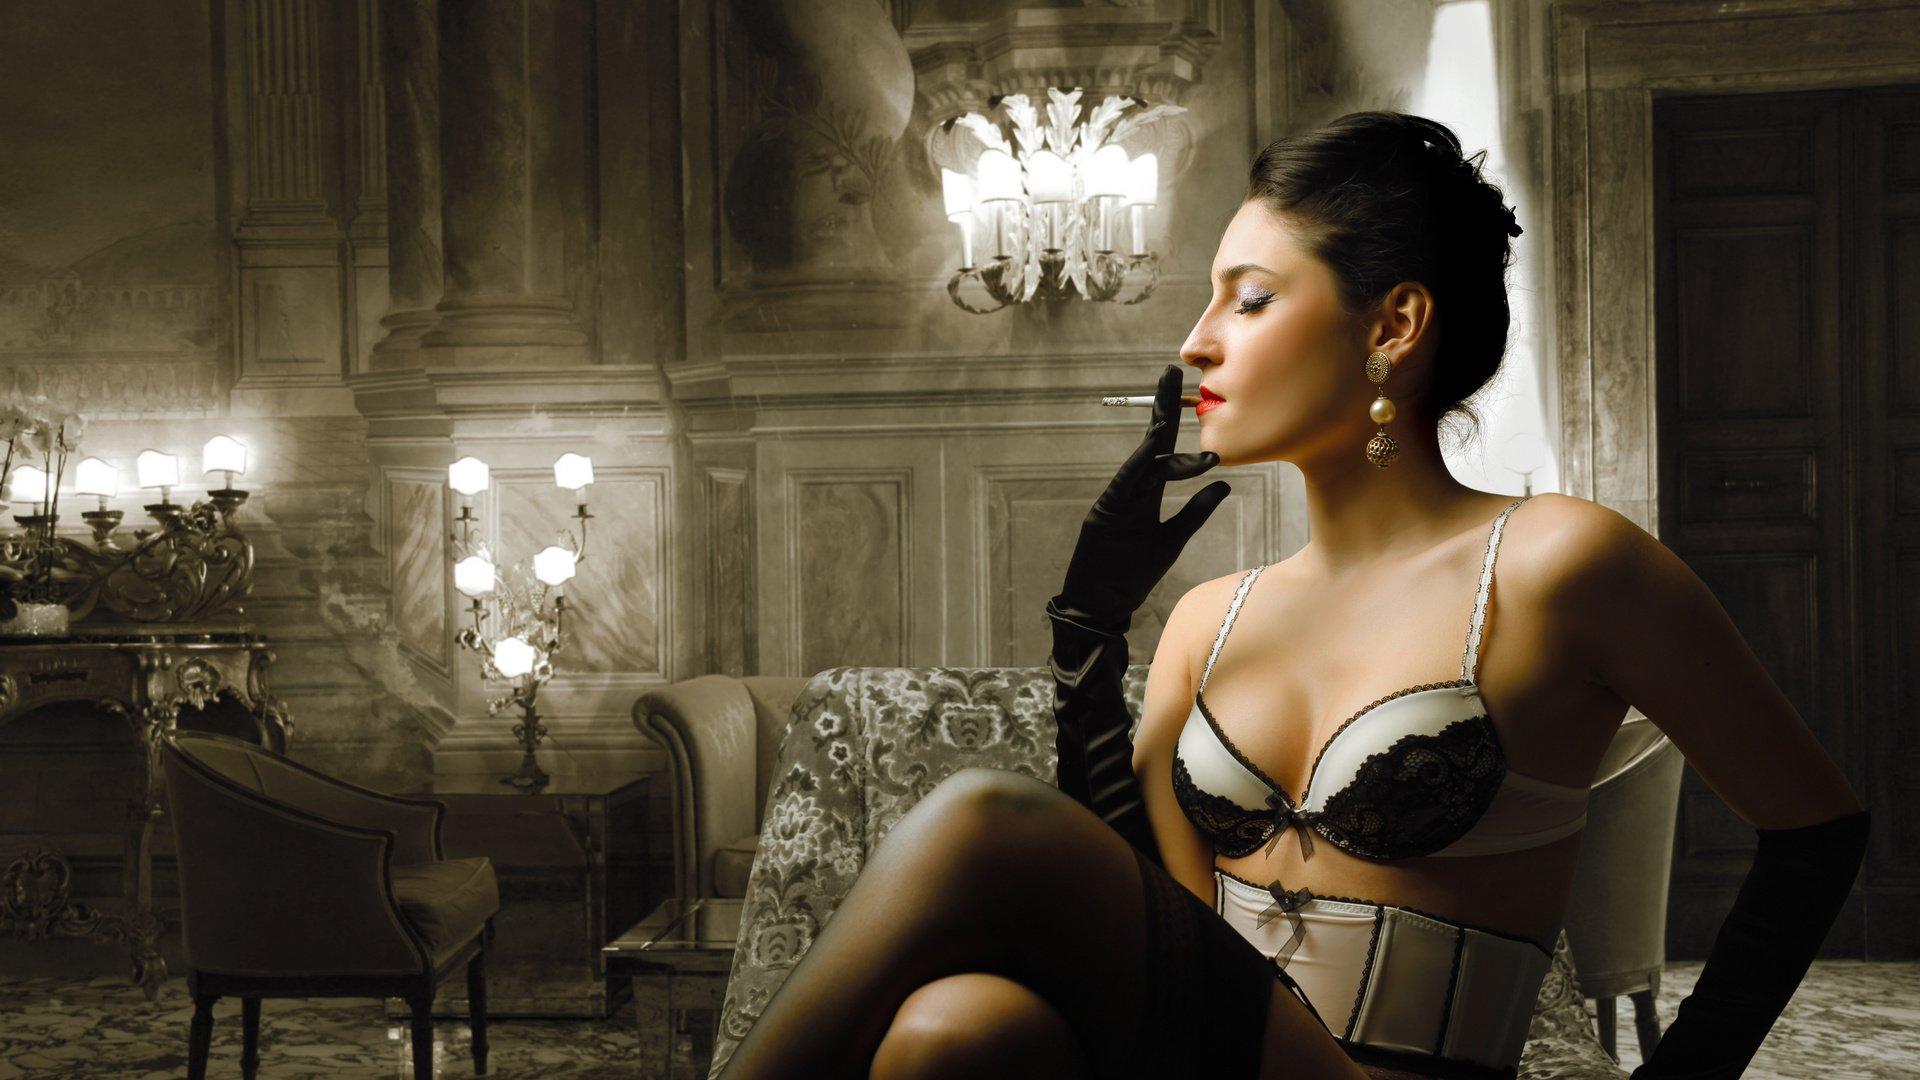 Фото секси гламурных, Гламурные девушки с шикарными прелестями. Фото 1 фотография